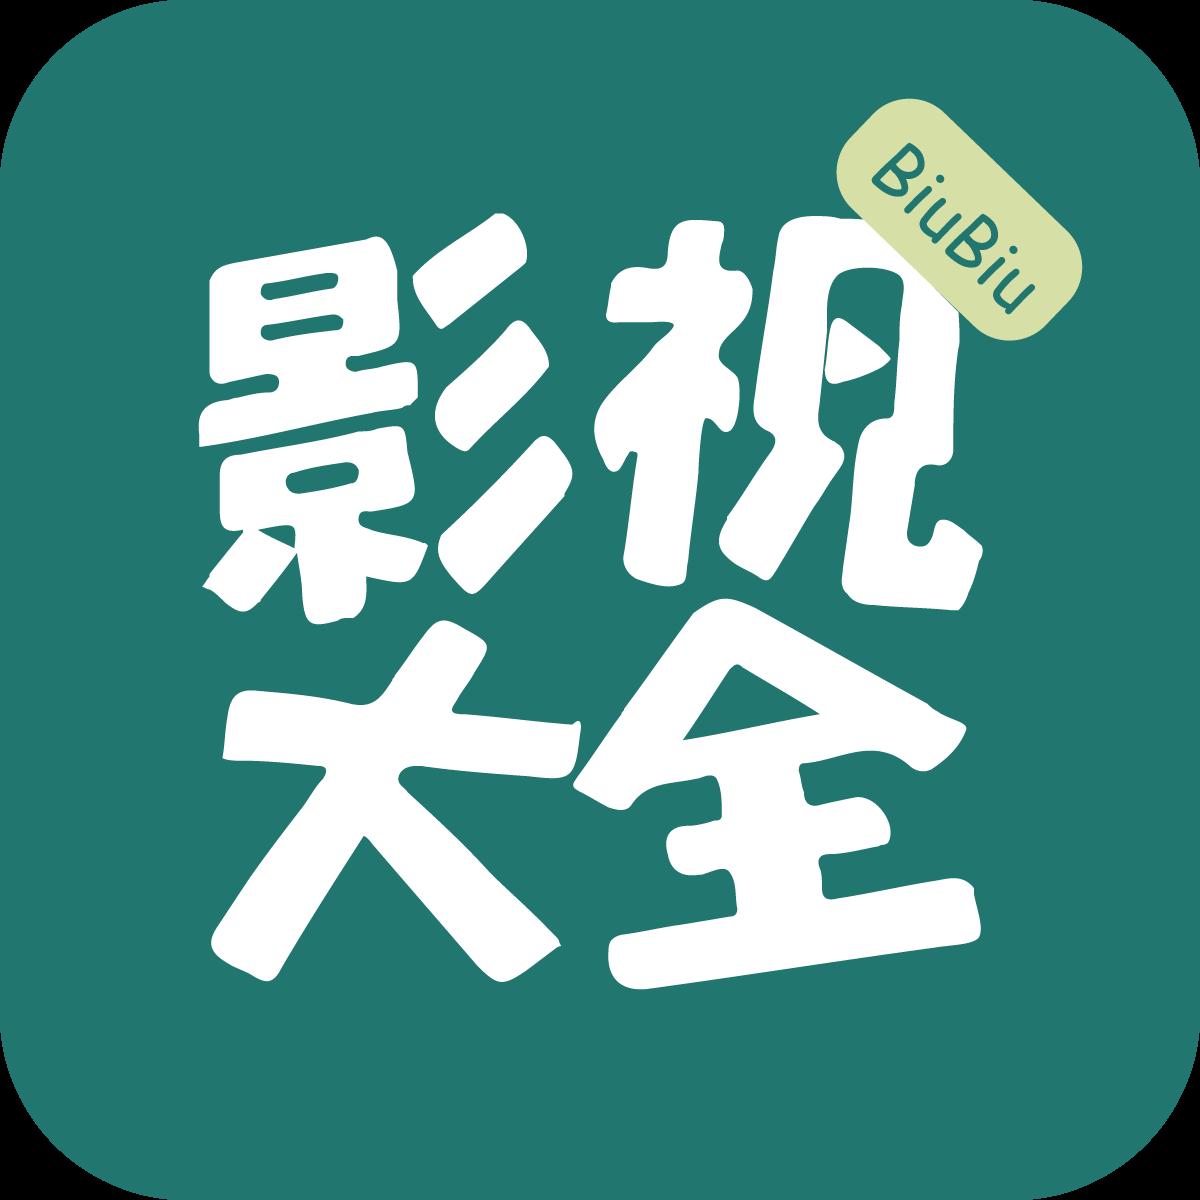 BiuBiu视频影视大全最新版v3.6 可投屏版